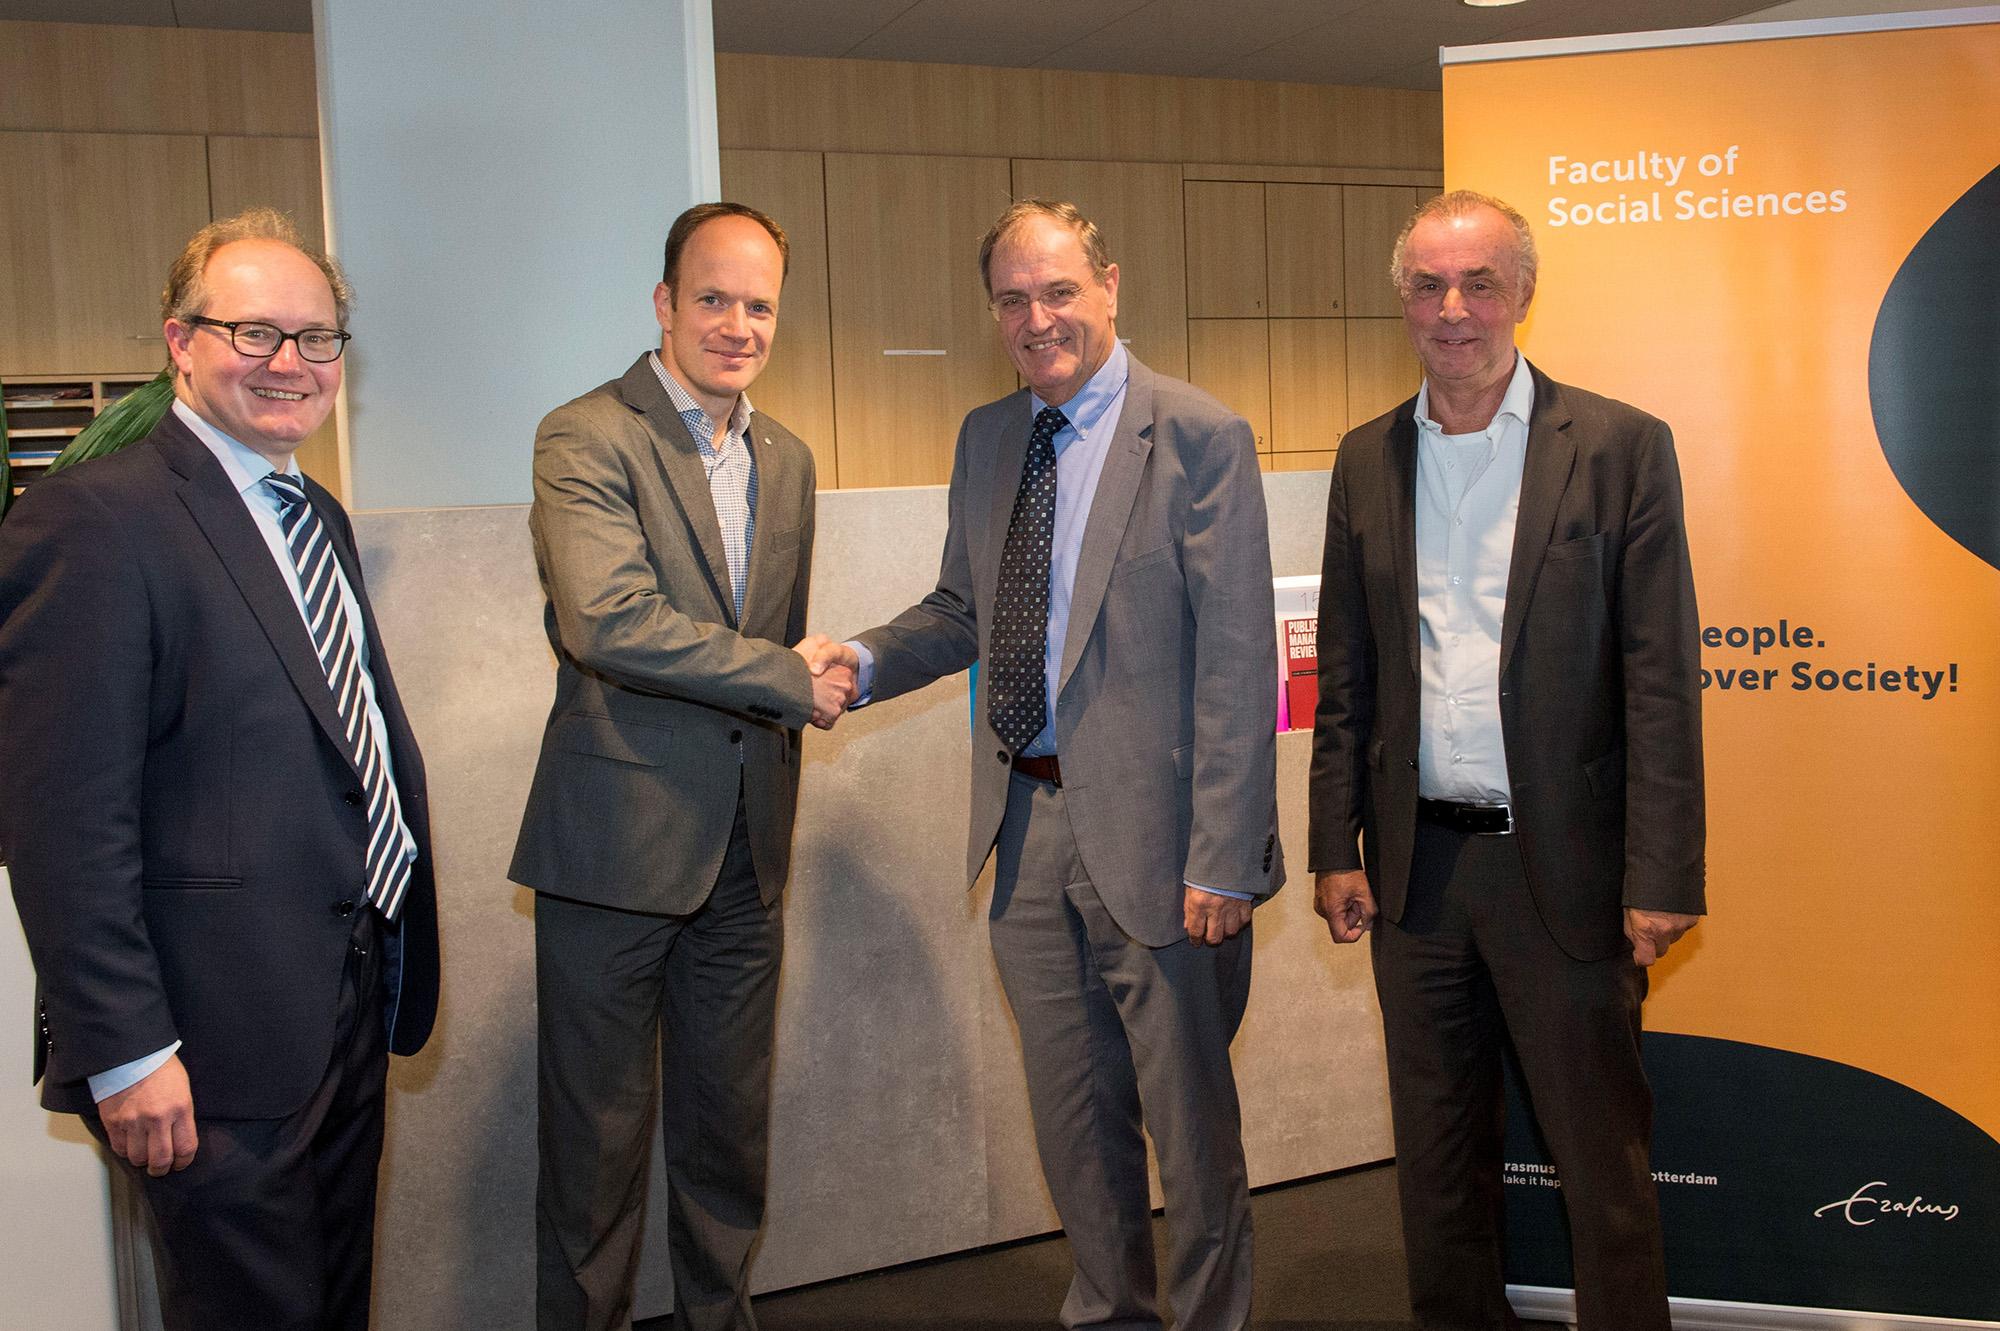 incubator-fsw-henk-van-der-molen-arwin-van-buuren-social-sciences